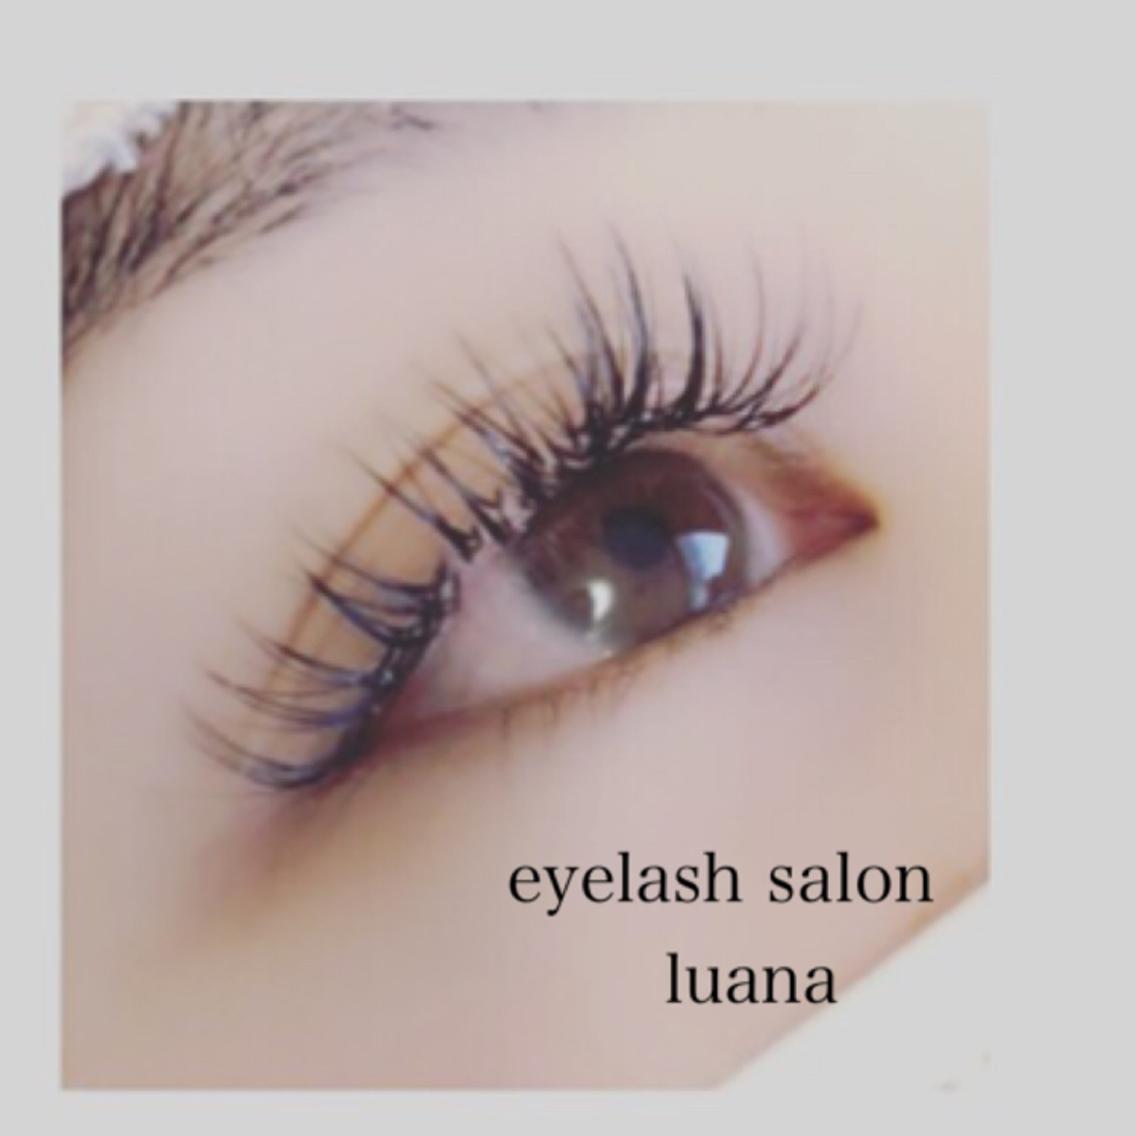 eyelash salon  luana所属・eyelashluanaの掲載